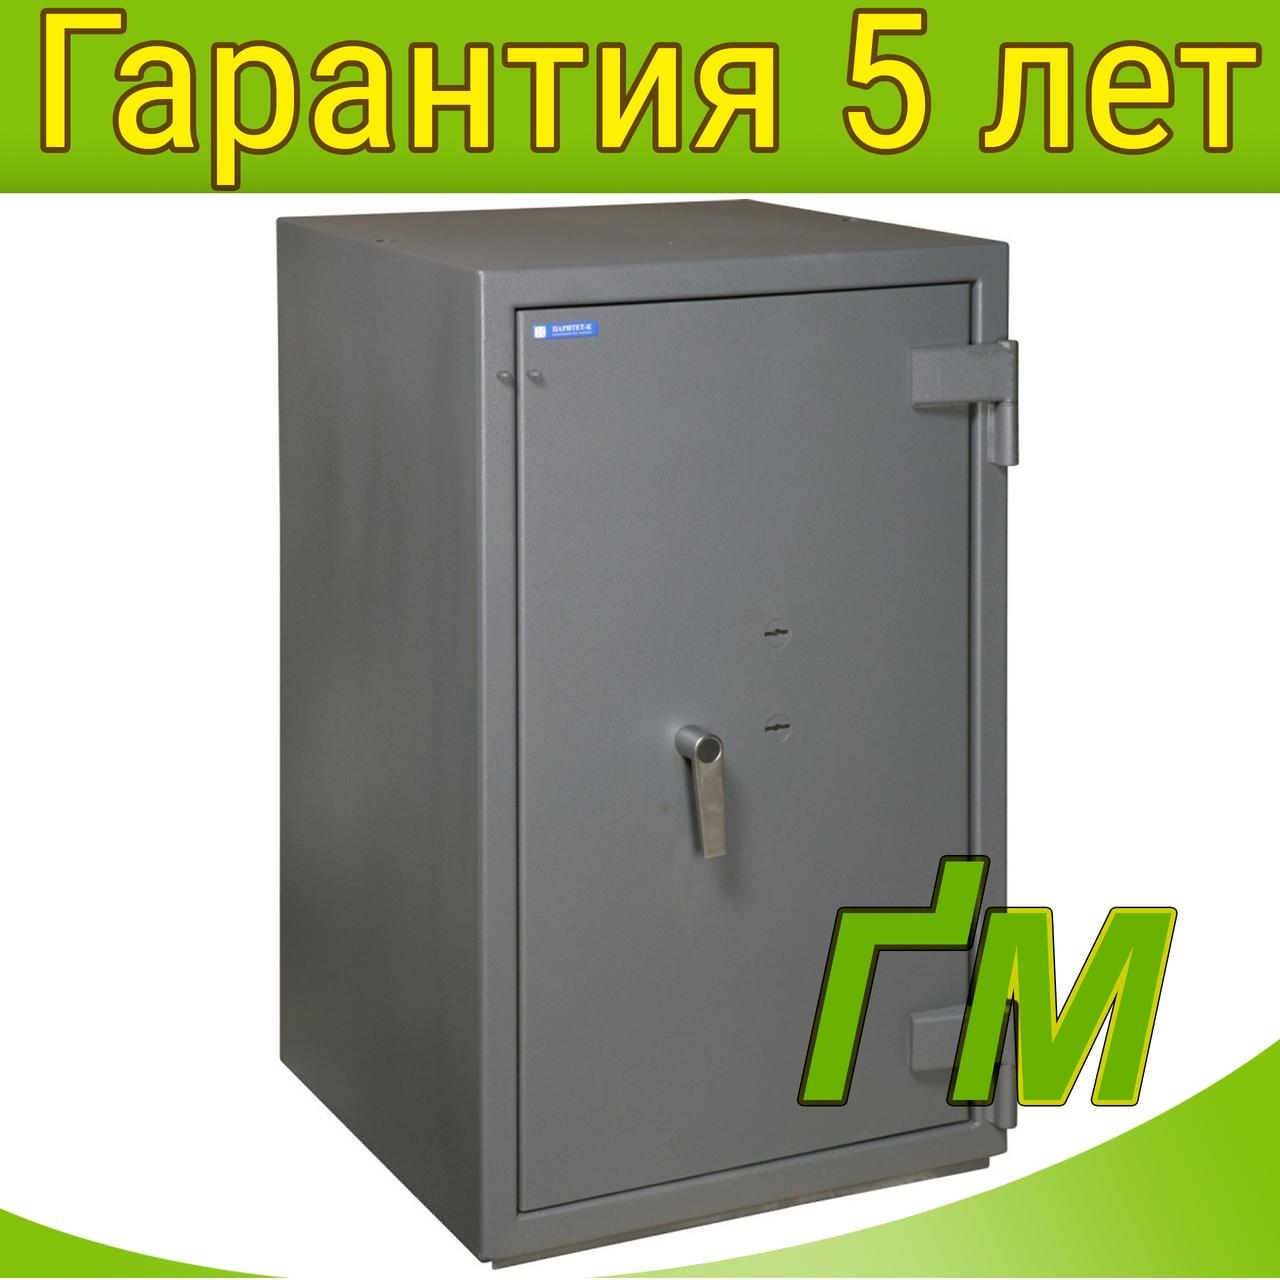 Сейф взломостойкий банковский CL II.100.K.K